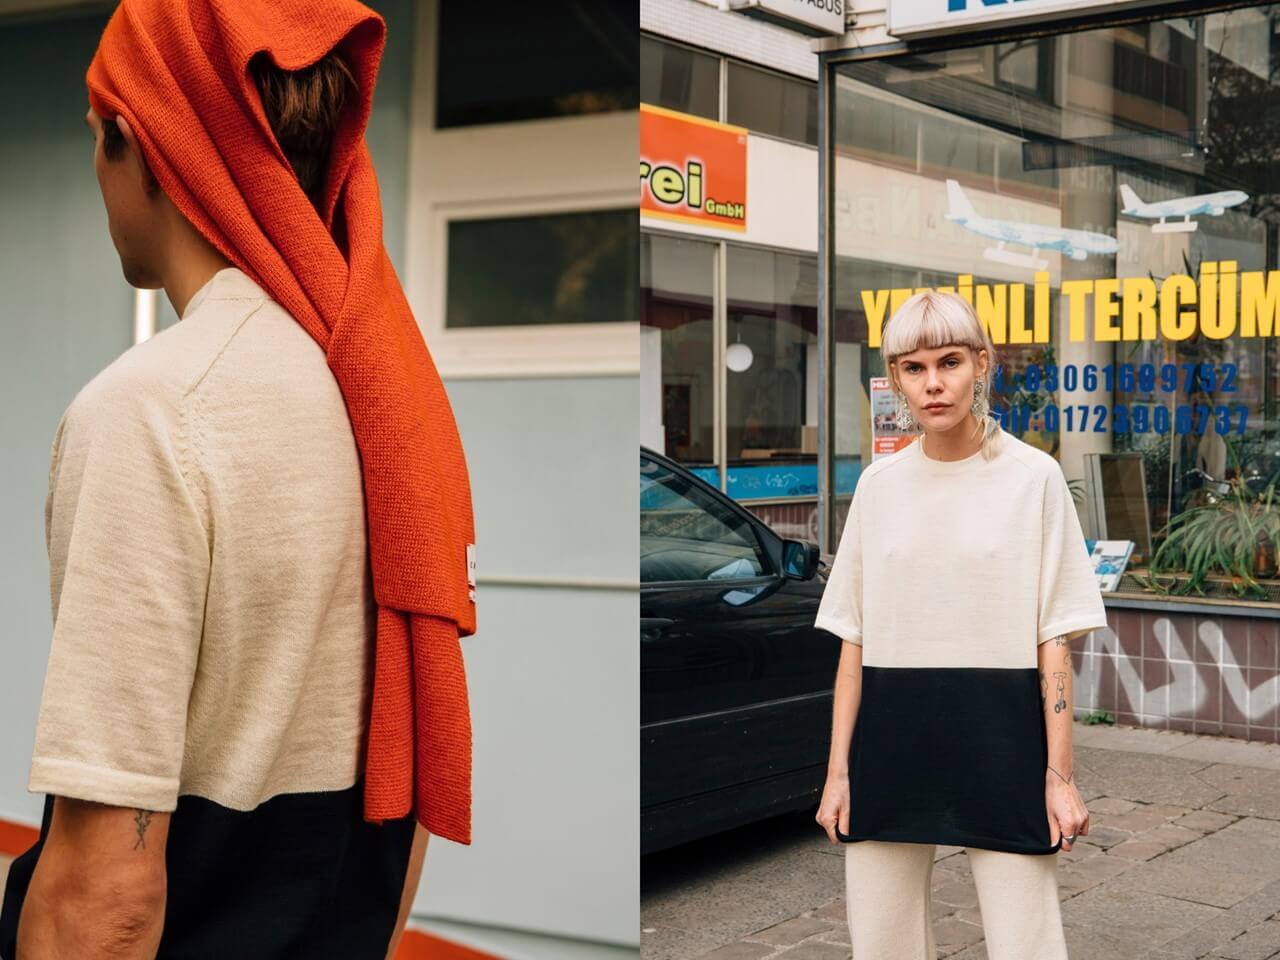 Carcel, la firma danesa de ropa que empodera a mujeres encarceladas en Perú y Tailandia